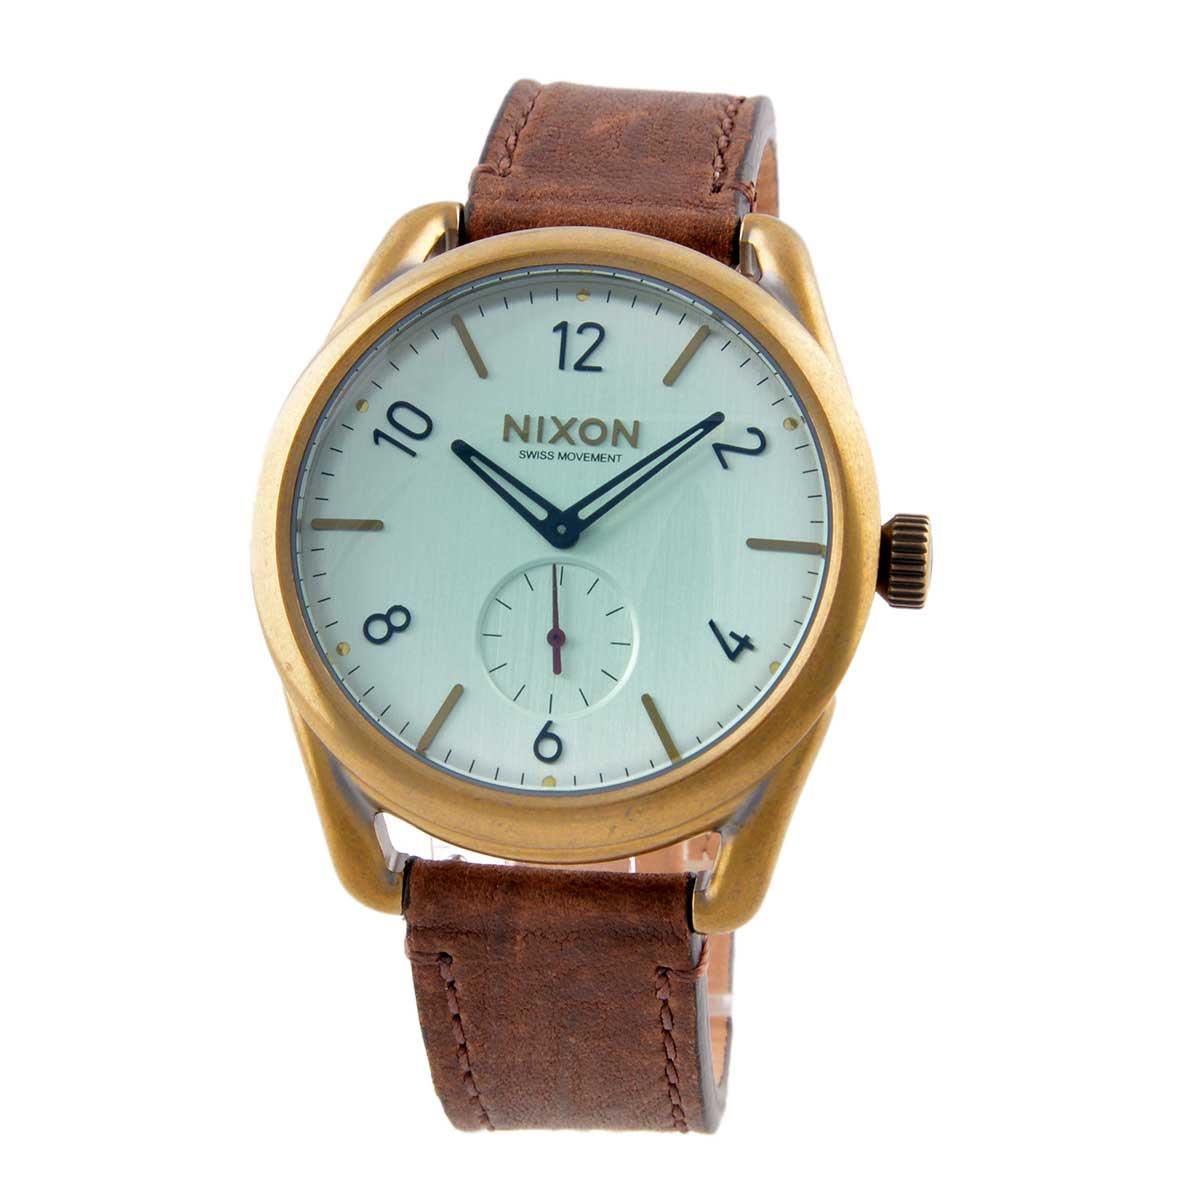 ニクソン NIXON THE C39 LEATHER レザー ブラス グリーンクリスタル ブラウン A459-2223 A4592223 NA4592223 ユニセックス メンズ レディース 腕時計 時計 [ 送料無料 ]